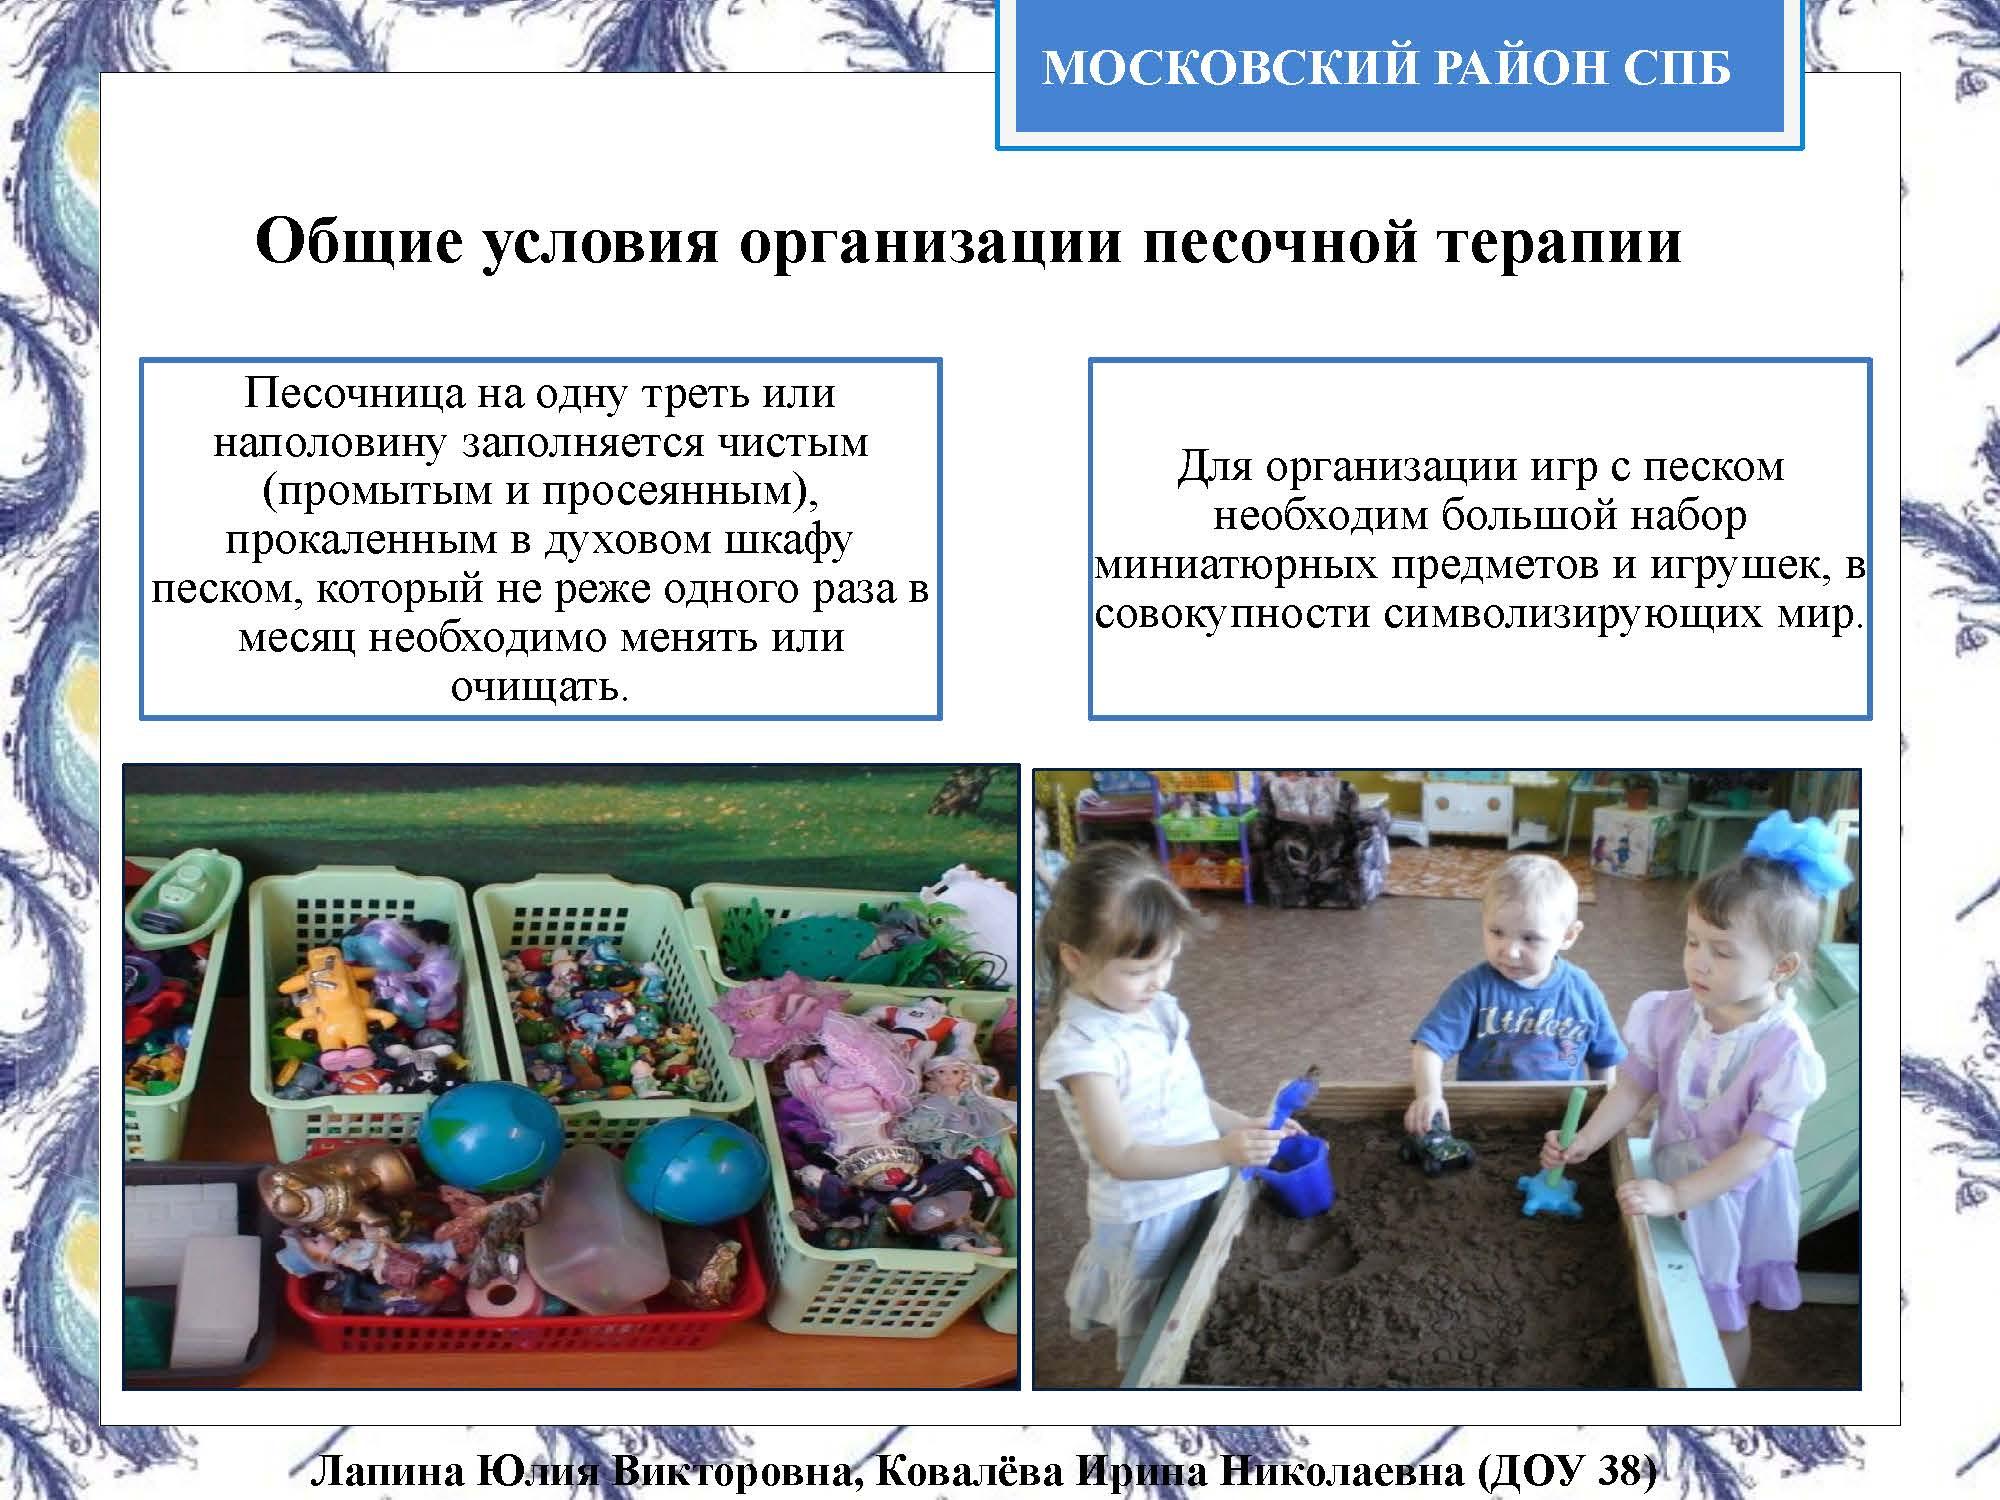 Секция 8. ДОУ 38, Московский район_Страница_11